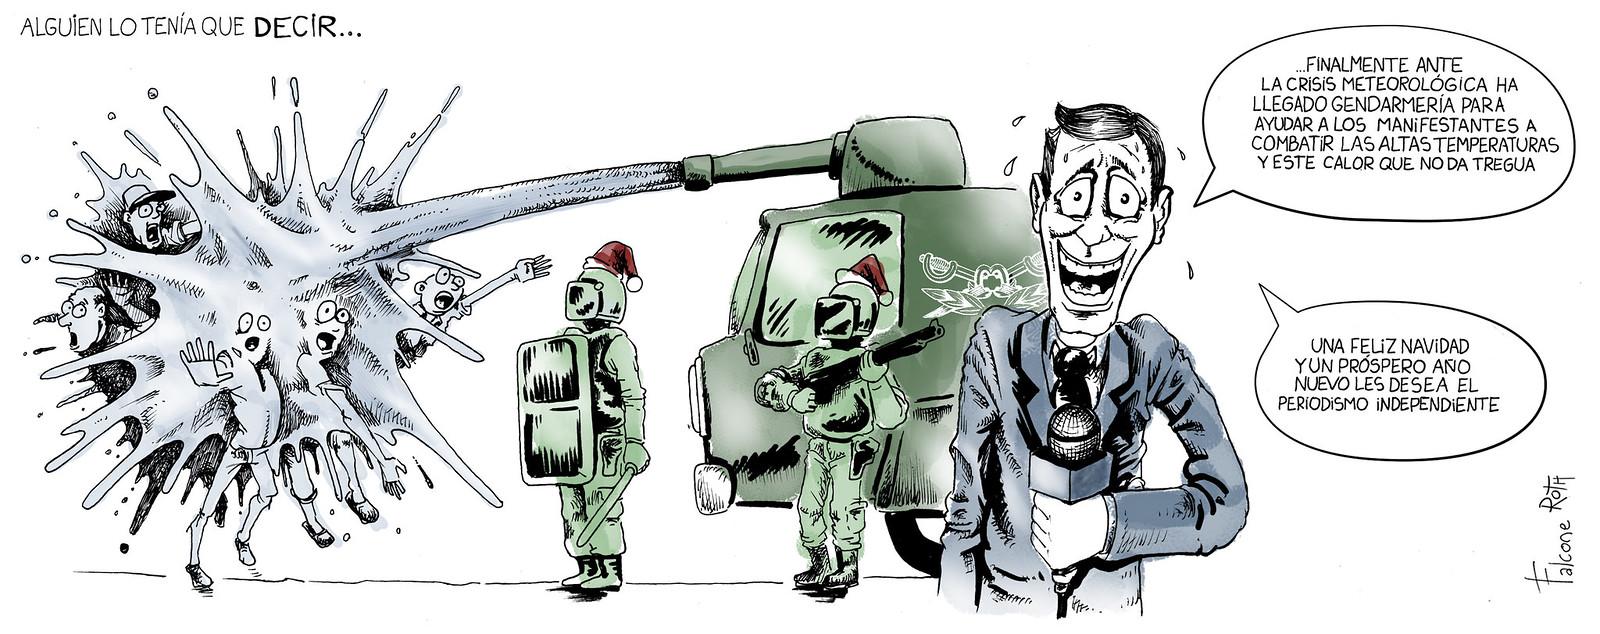 Represión en Cresta Roja